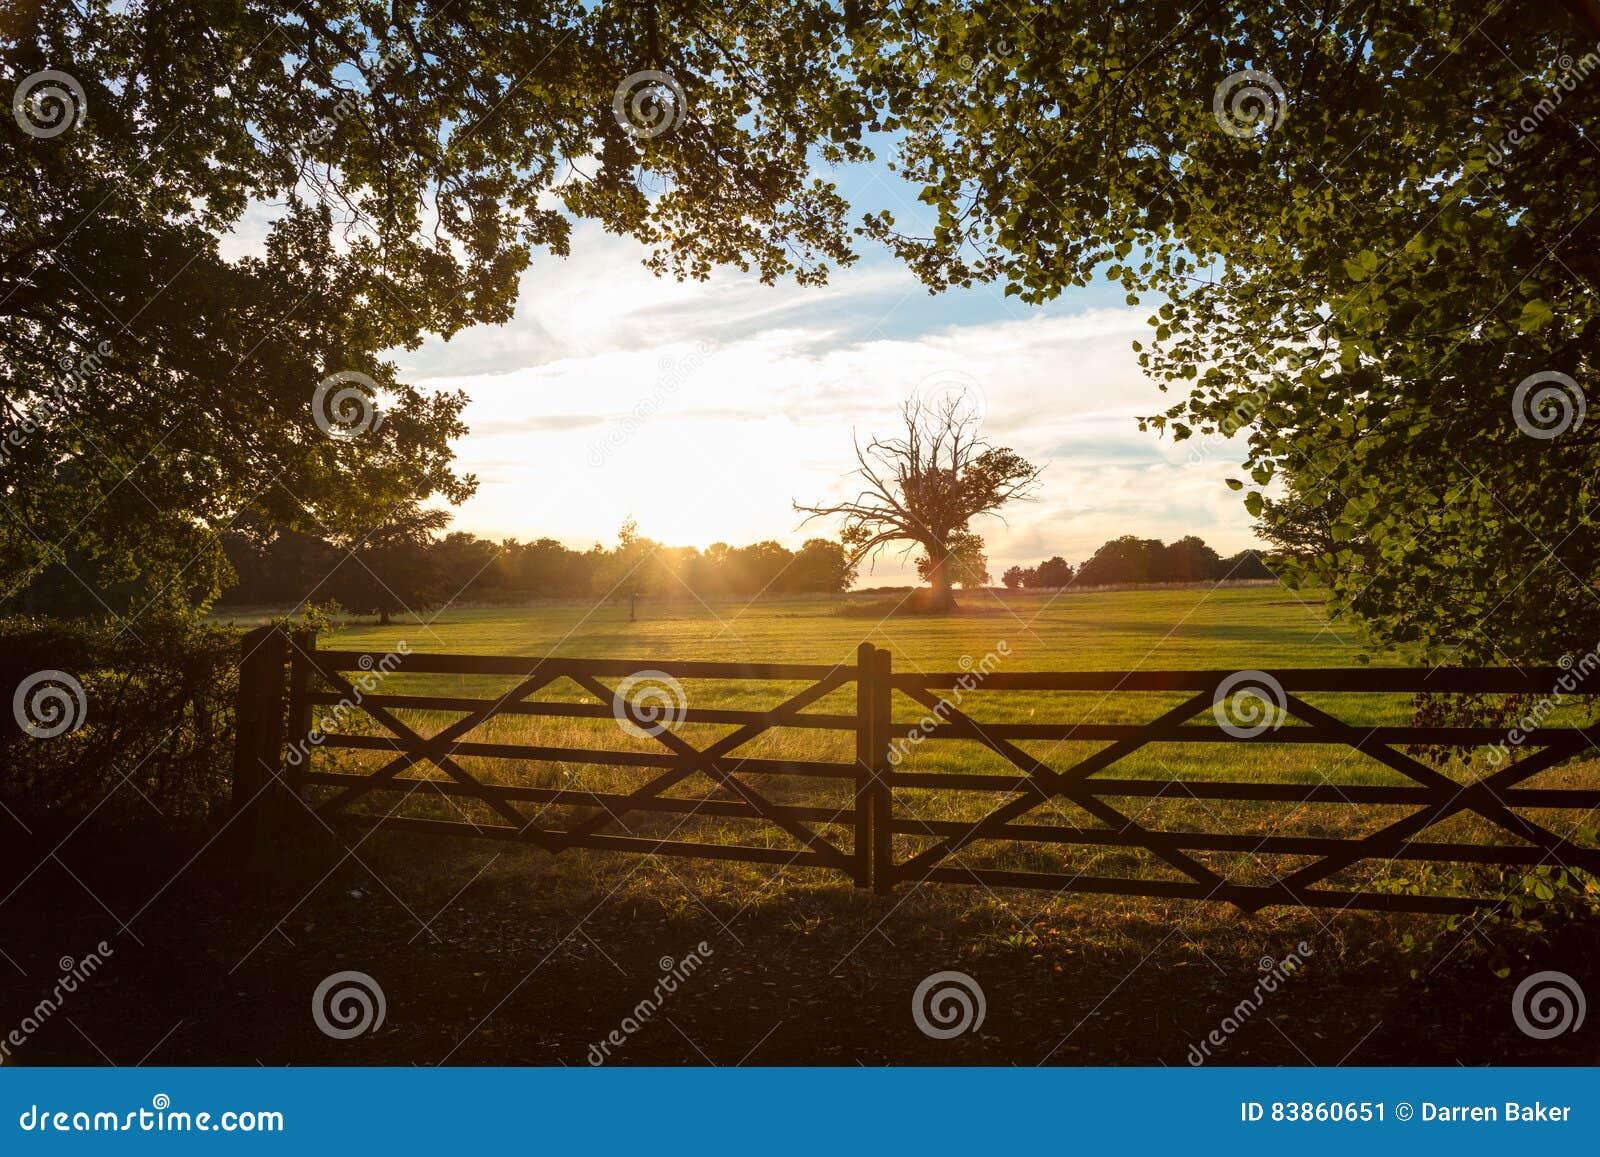 De Poort En De Bomen Van Het Land In Engels Platteland In